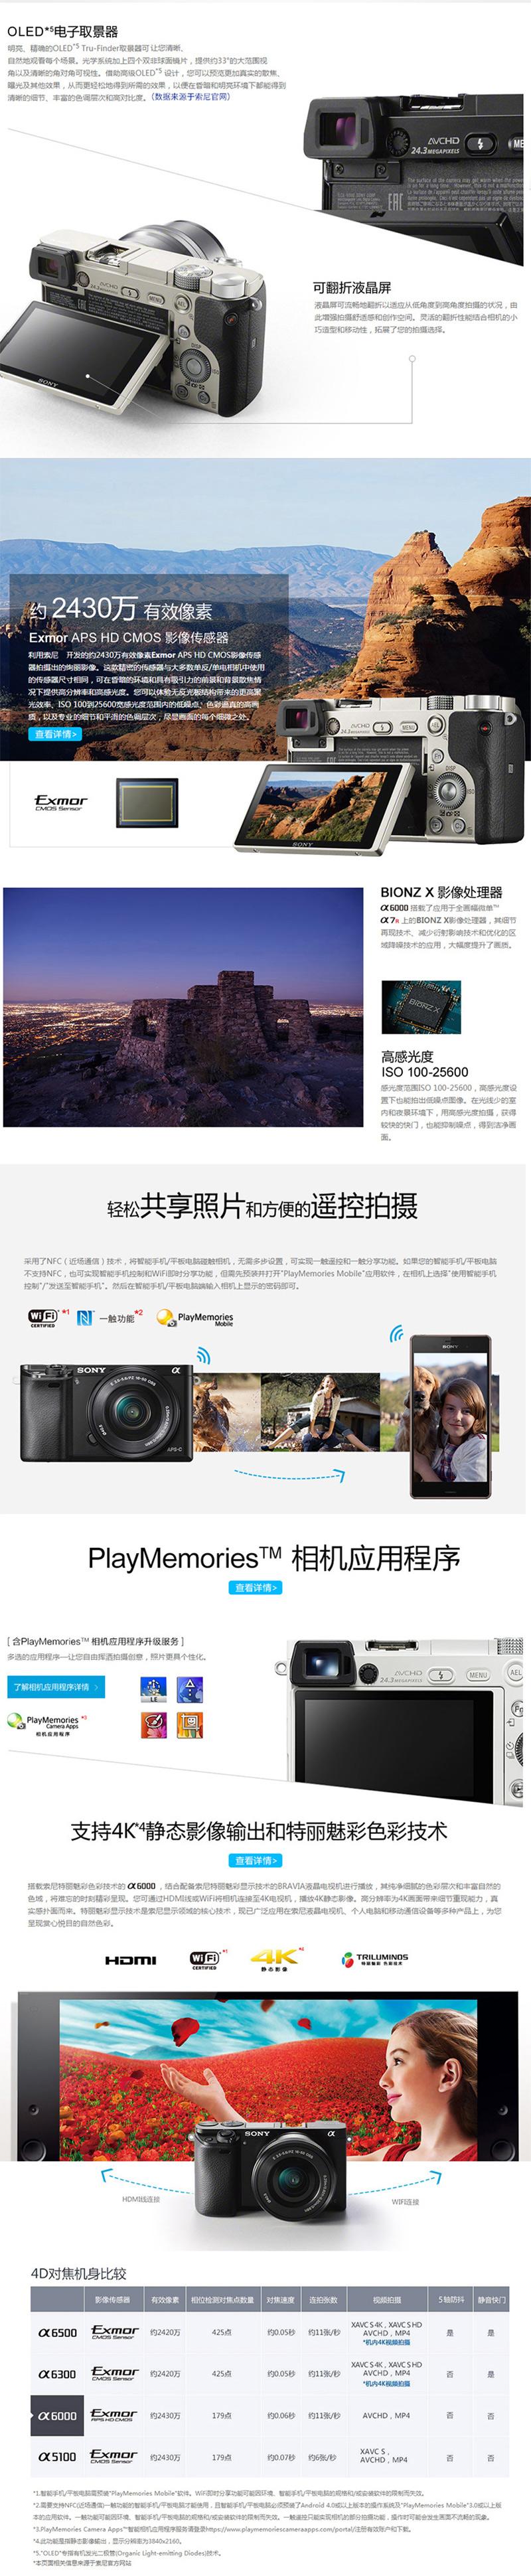 索尼A6000L照相机及配件APS-C数码相机(黑色)